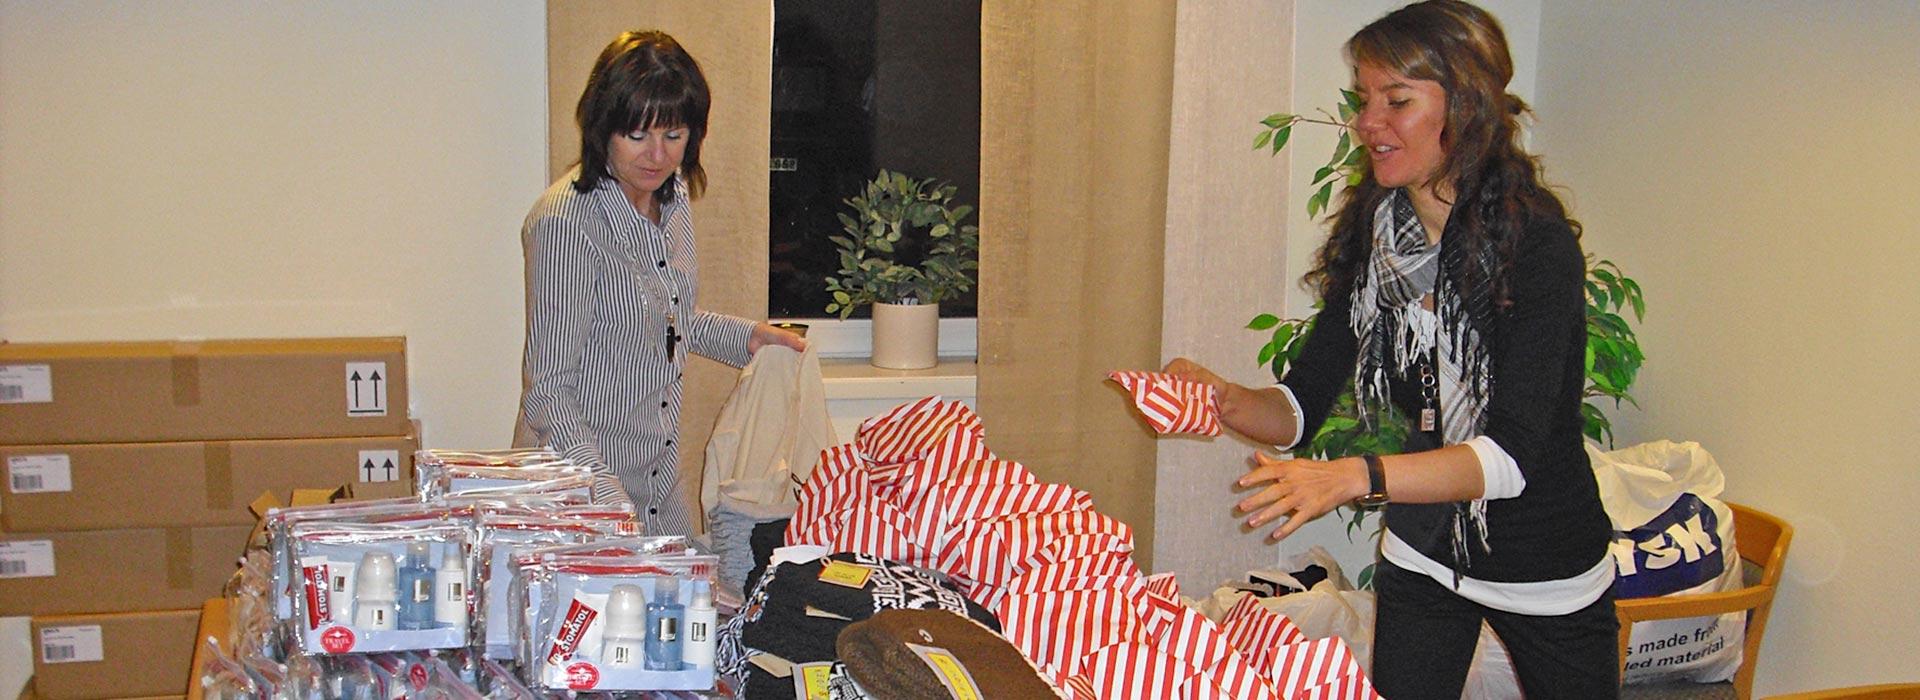 Stor glädje bland hemlösa över generösa gåvor